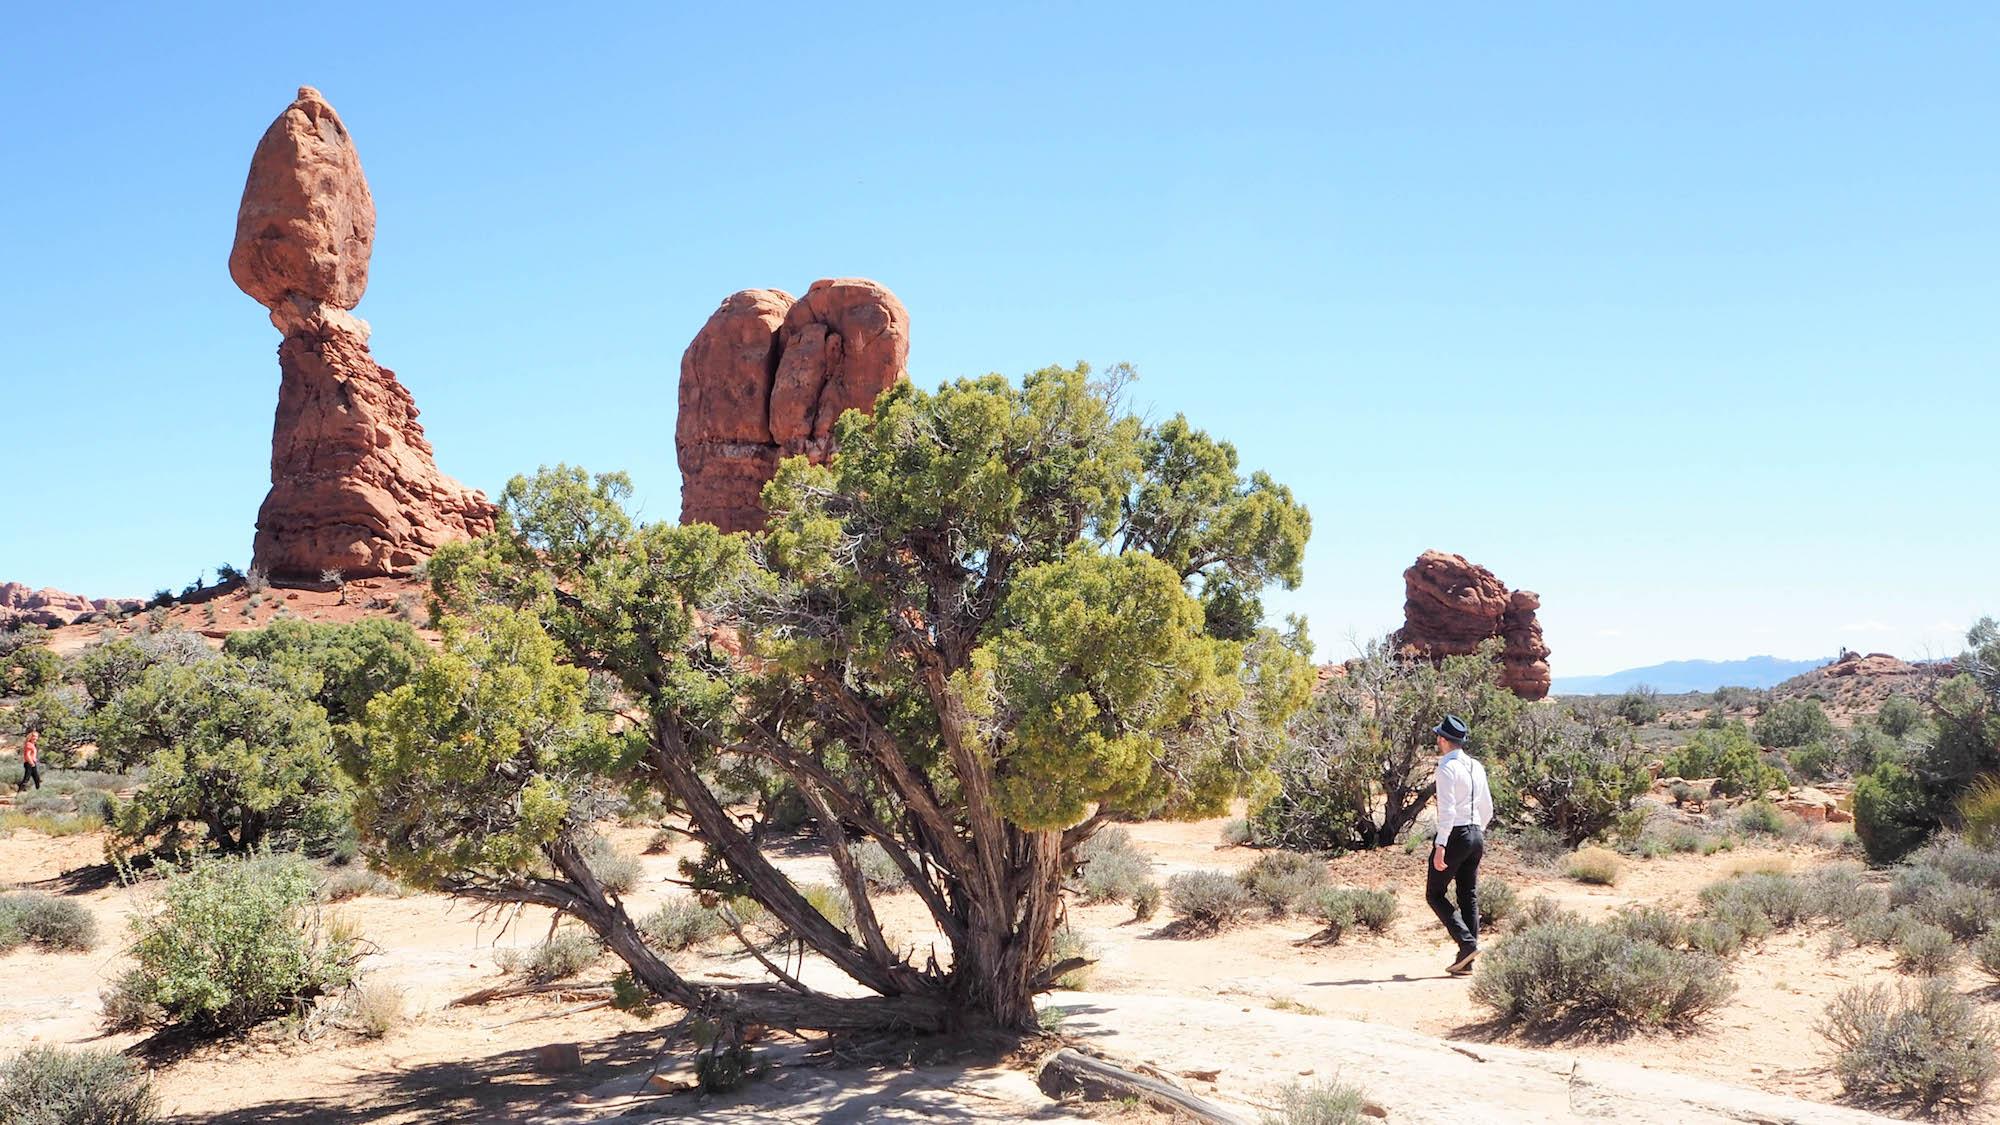 ontdek een landschap van contrasterende kleuren, landvormen en texturen, in tegenstelling tot alle andere in de wereld. Het park heeft meer dan 2000 natuurstenen bogen, naast honderden stijgende pinakels, massieve vinnen en reusachtige uitgebalanceerde rotsen. Dit wonderlandschap met rode rotsen zal je verbazen met zijn formaties, je verfrissen met zijn paden en je inspireren met zijn zonsondergangen.